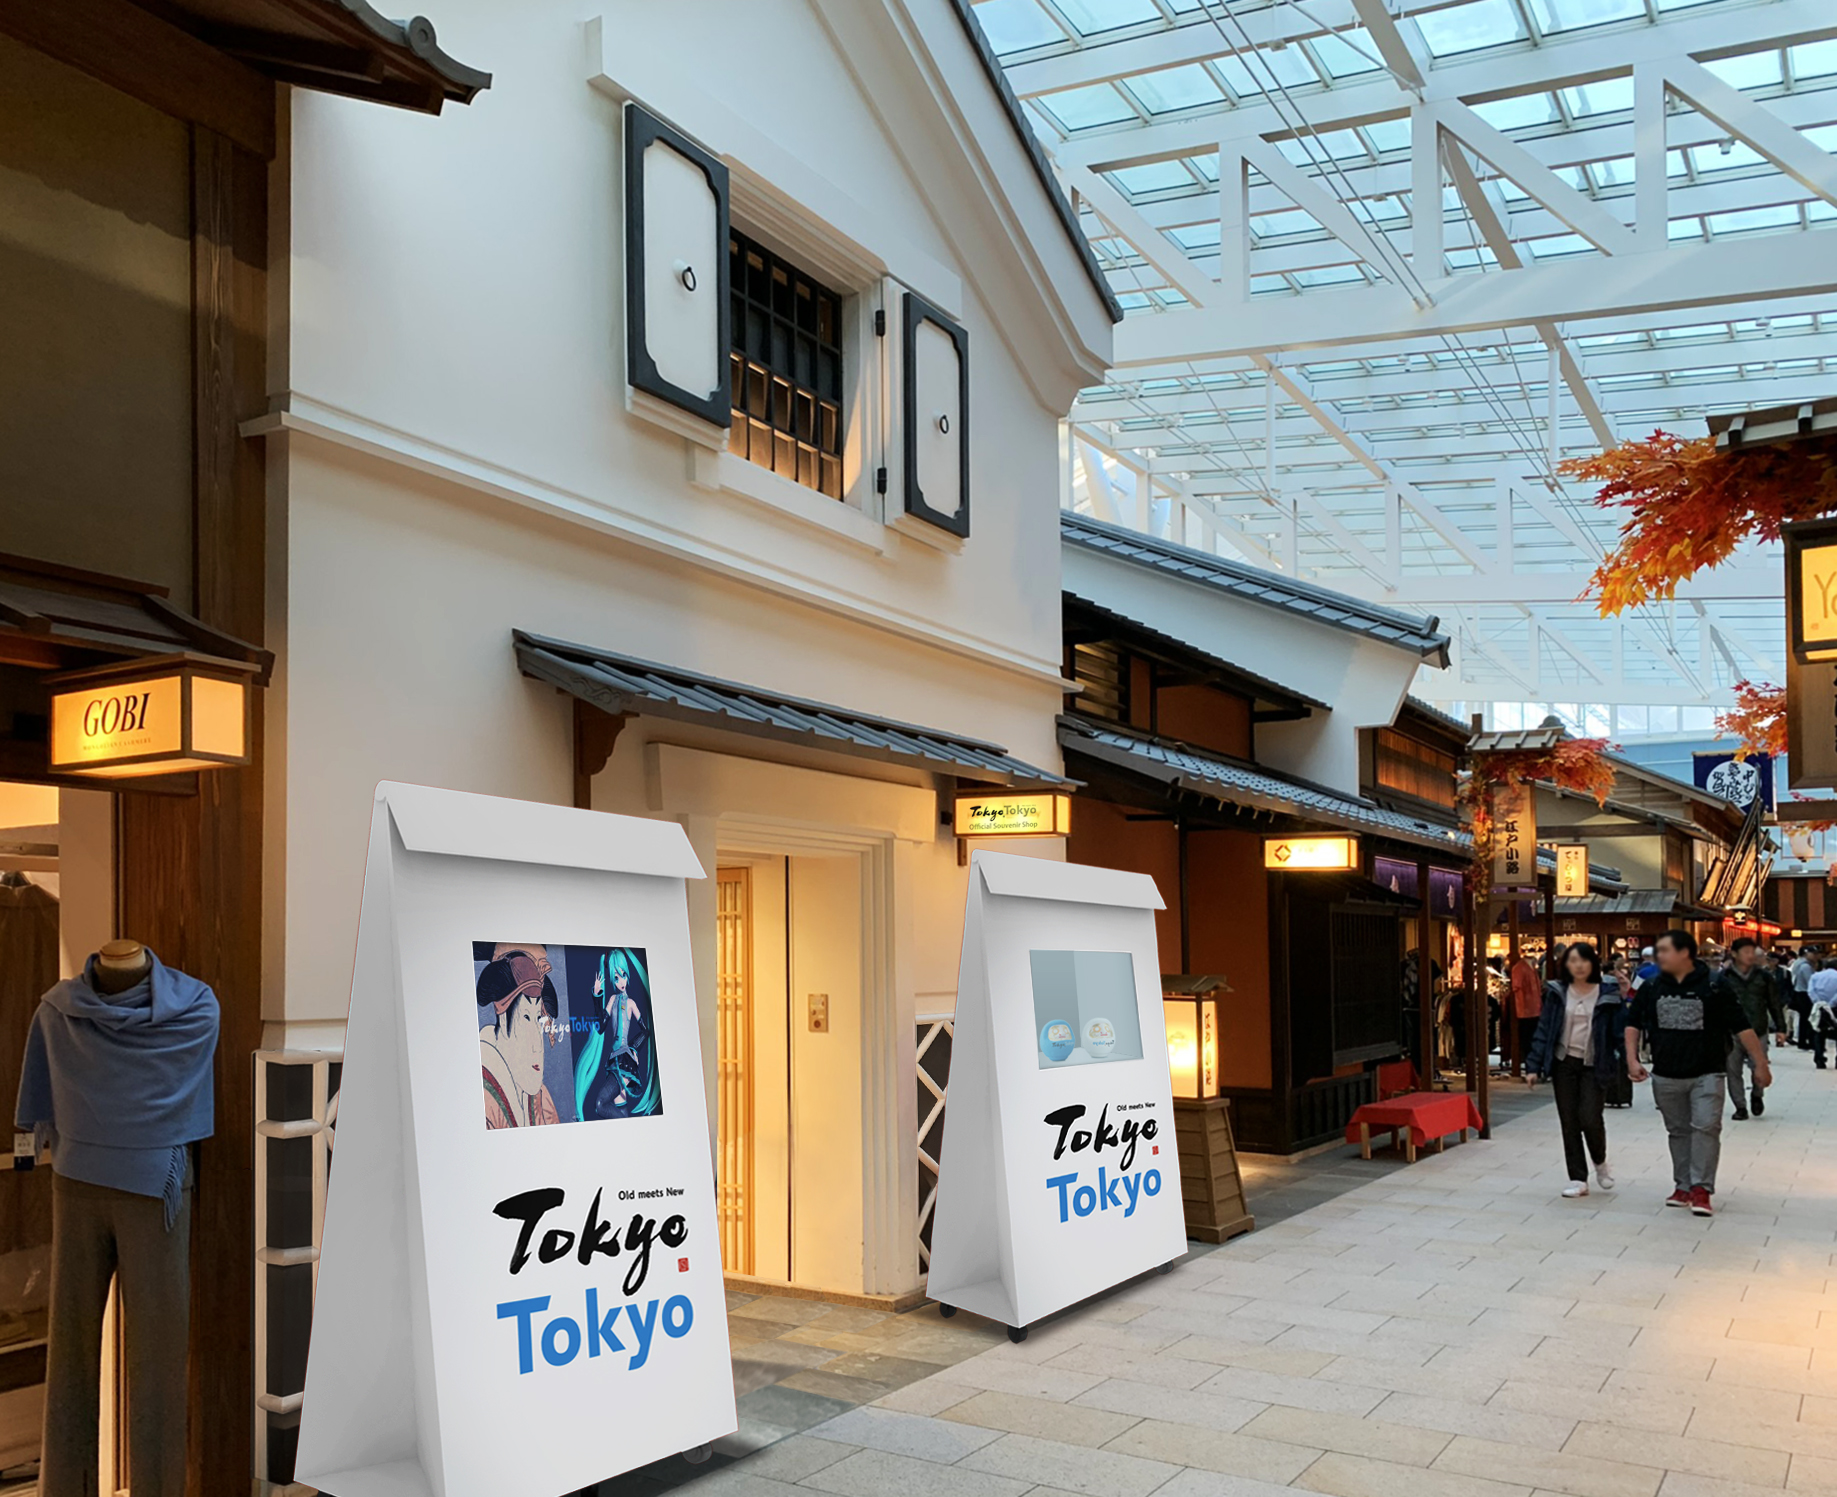 tokyo-tokyo-official-souvenir-shop_%e6%9d%b1%e4%ba%ac%e3%81%8a%e5%9c%9f%e7%94%a3%e5%ba%97%ef%bc%bf%e6%9d%b1%e4%ba%ac%e7%b4%80%e5%bf%b5%e5%93%81%e5%95%86%e5%ba%97_-2